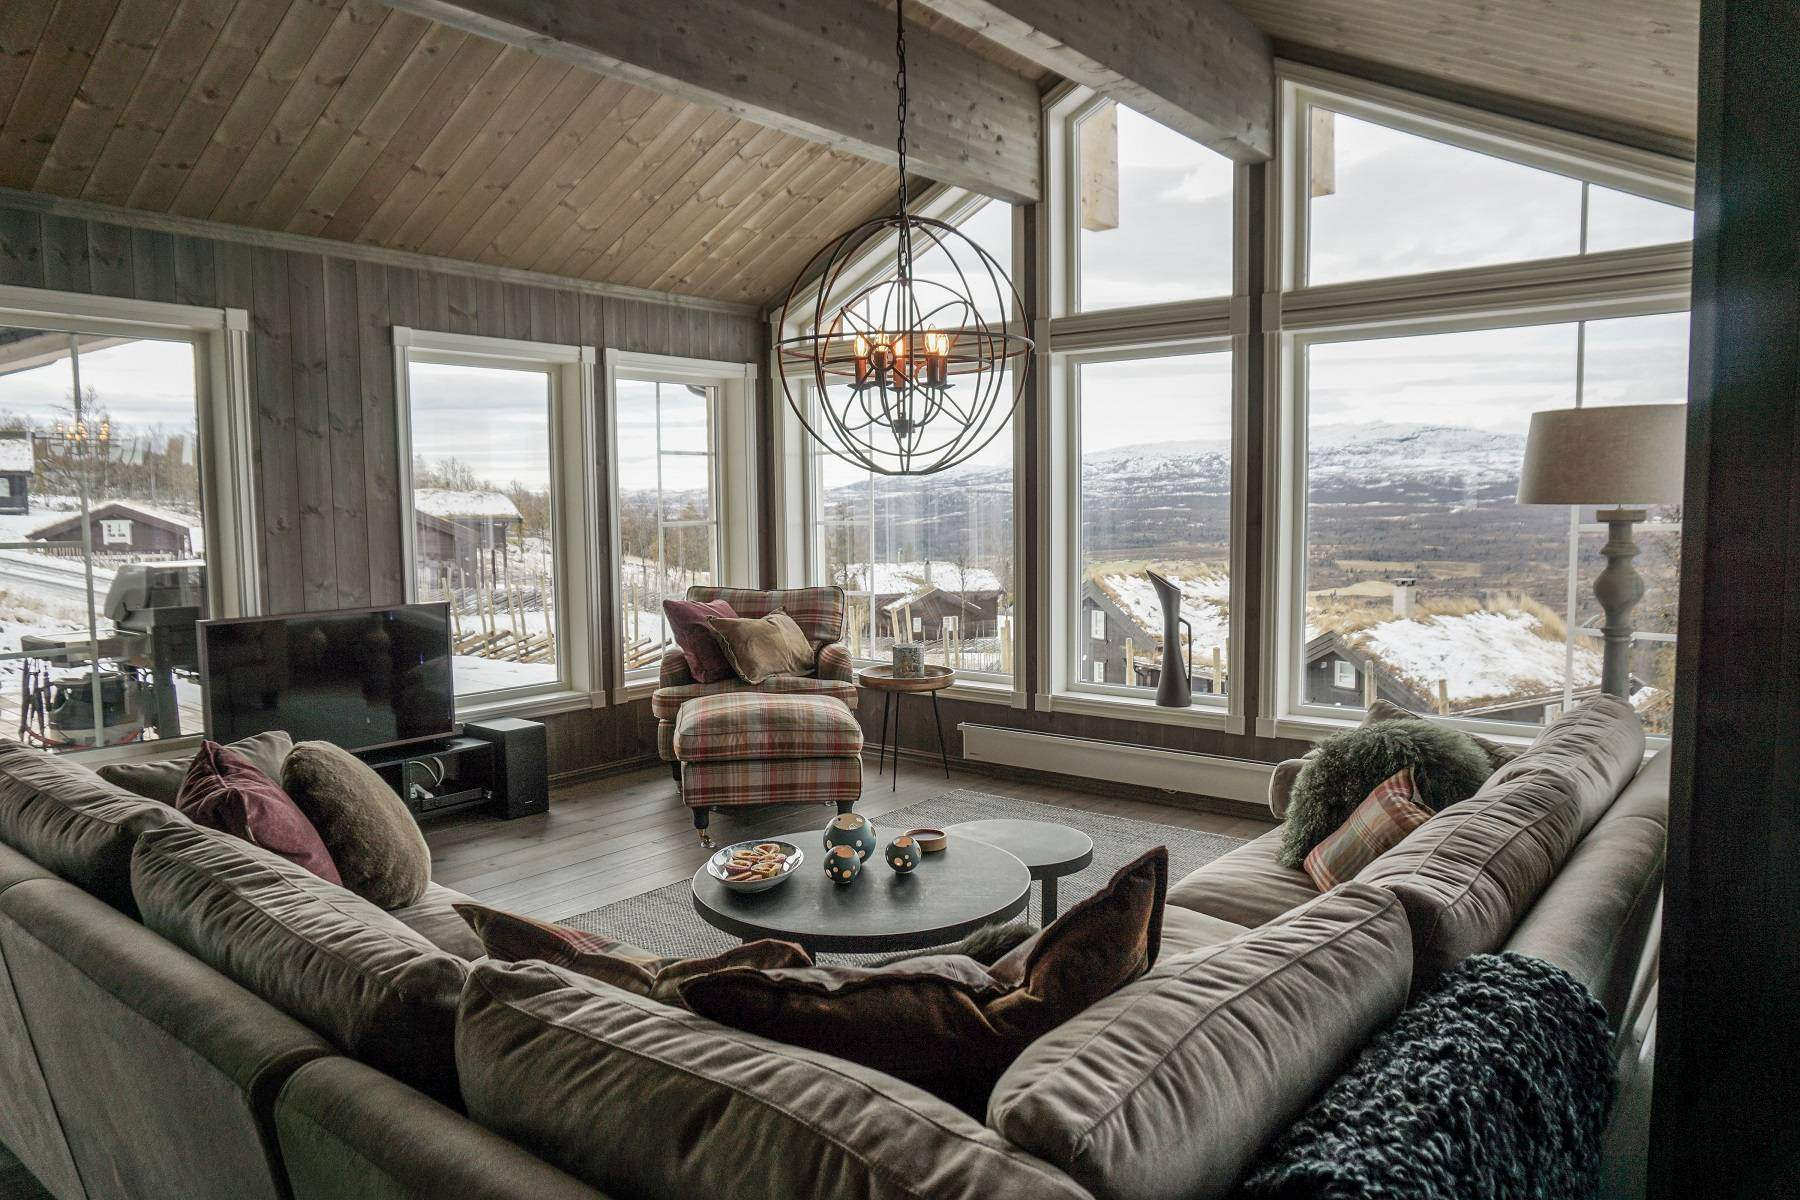 220 Hyttemodell Hytte Strynsfjell 122 Tiurtoppen Hytter. Stor og bred stue med panoramavinduer til 3 sider